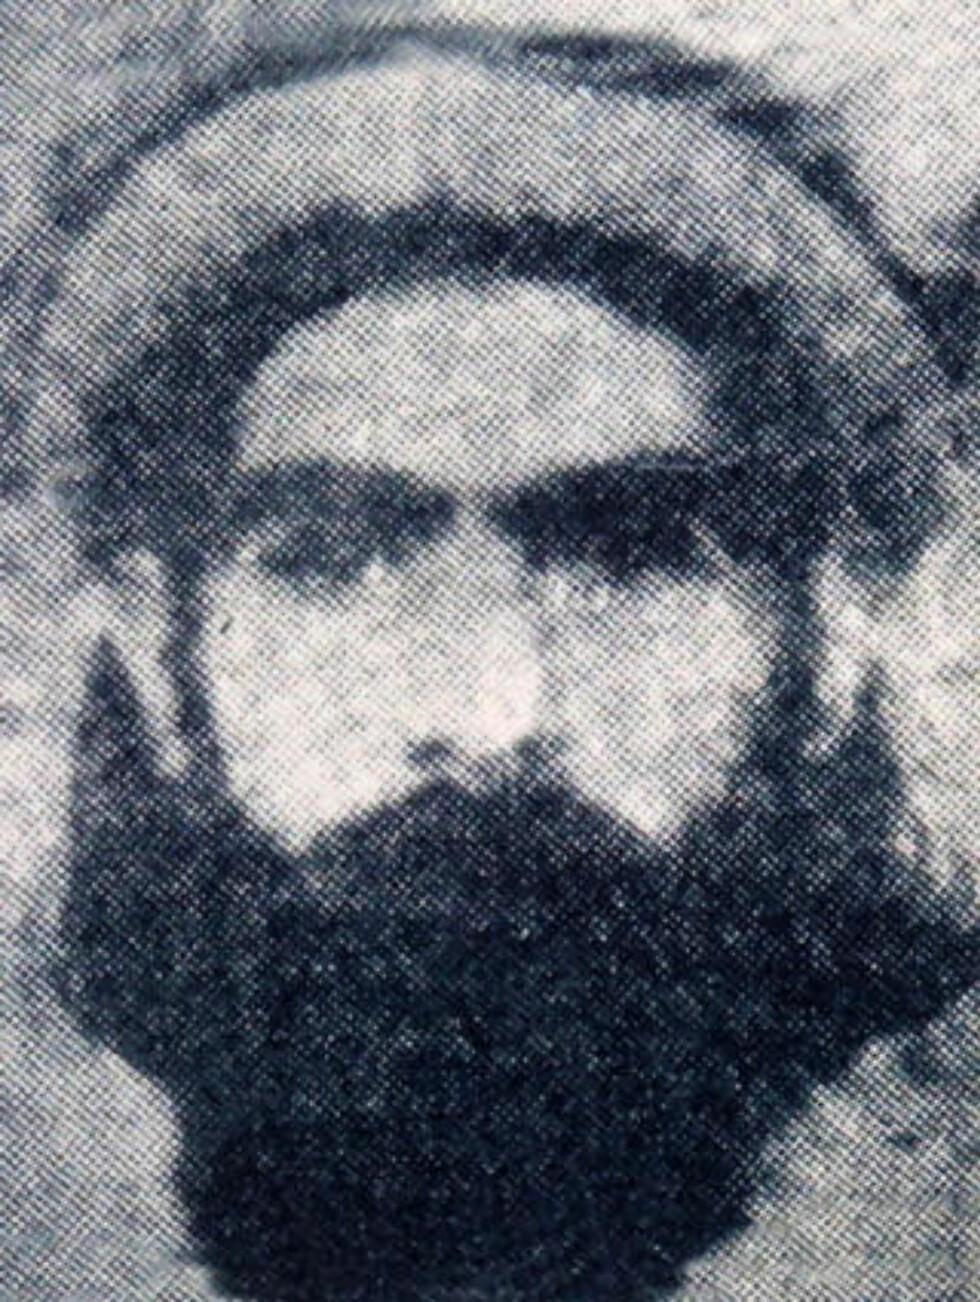 TALIBAN-LEDER: Mullah Omars lover gjelder fortsatt i Afghanistan, ifølge et nytt intervju med Taliban-topp Mohammed Hanafi. Foto: AP/Scanpix